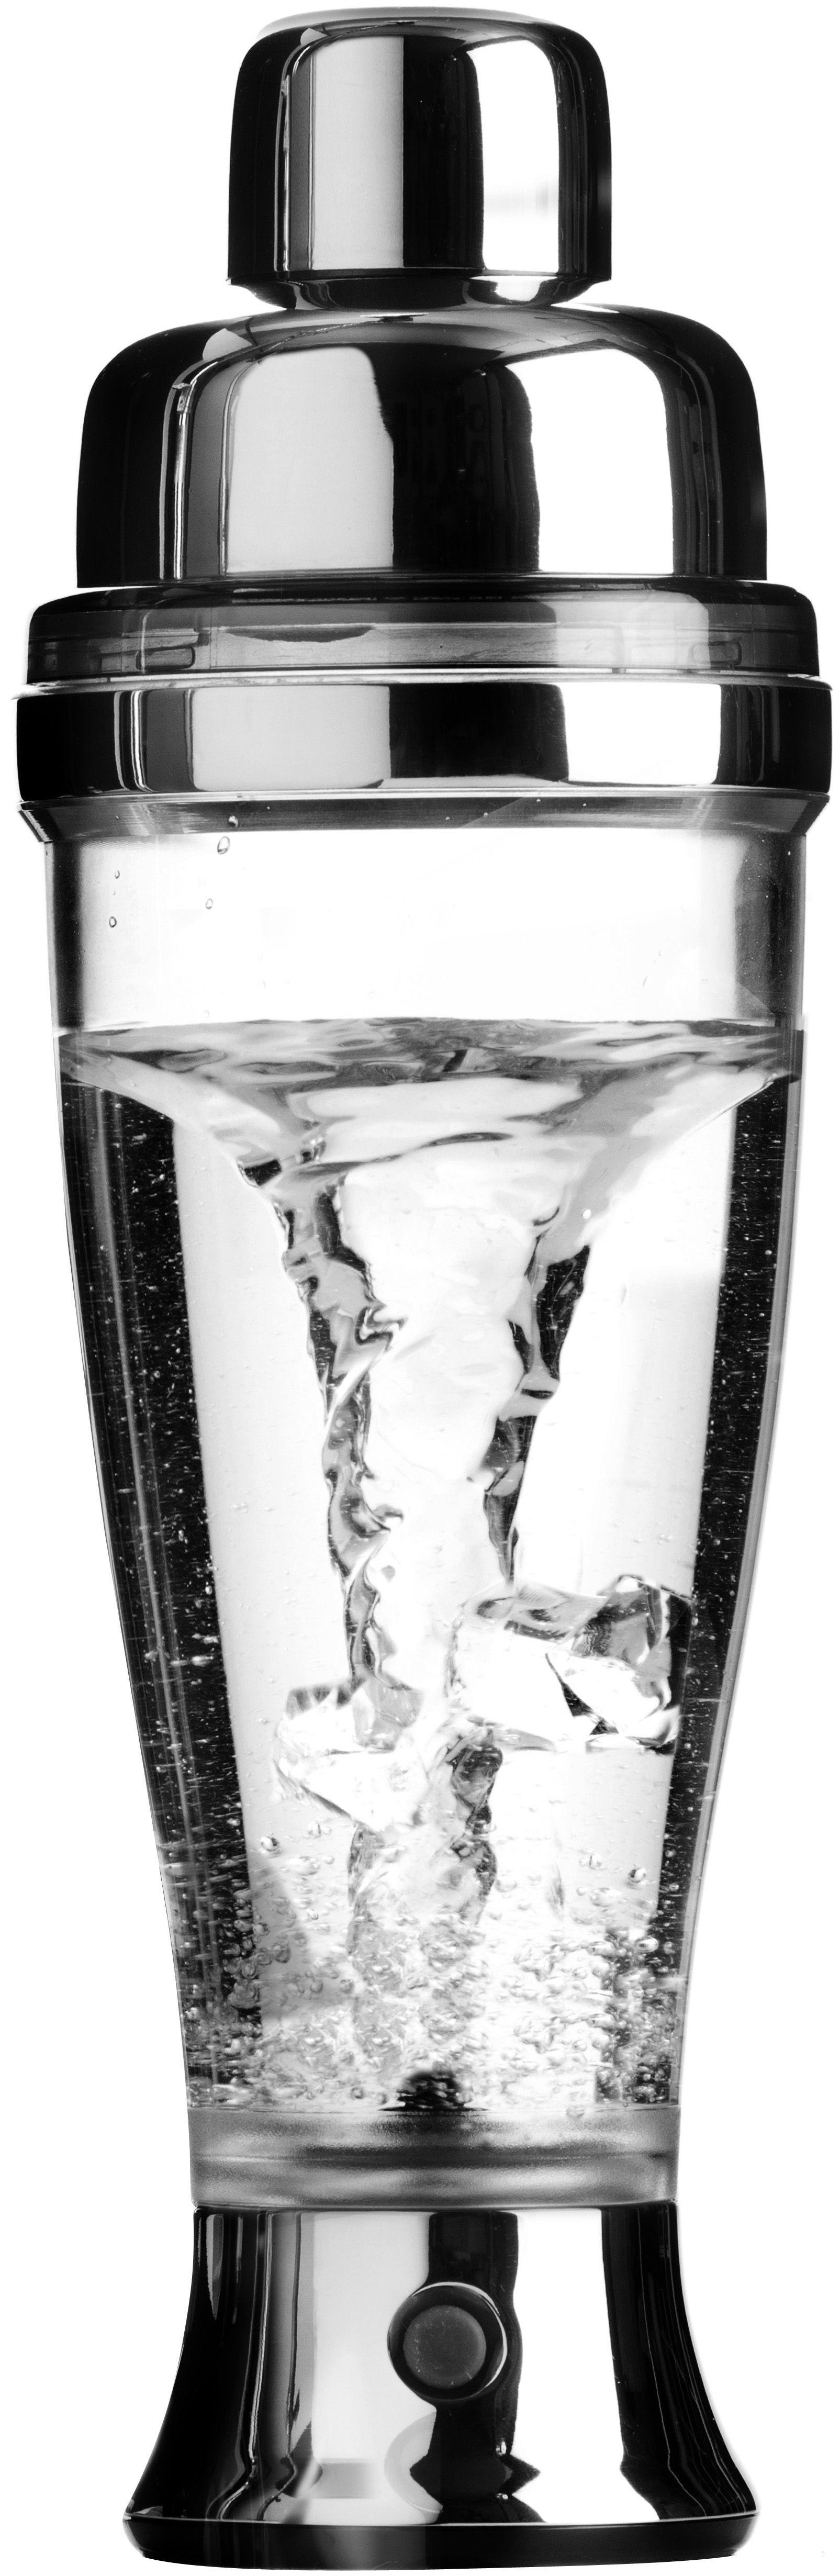 Cucina - Elettrodomestici - Agitatore per cocktail - da cocktail elettrico di L'Atelier du Vin - Trasparente / Argento - Acciaio inossidabile, Plastica